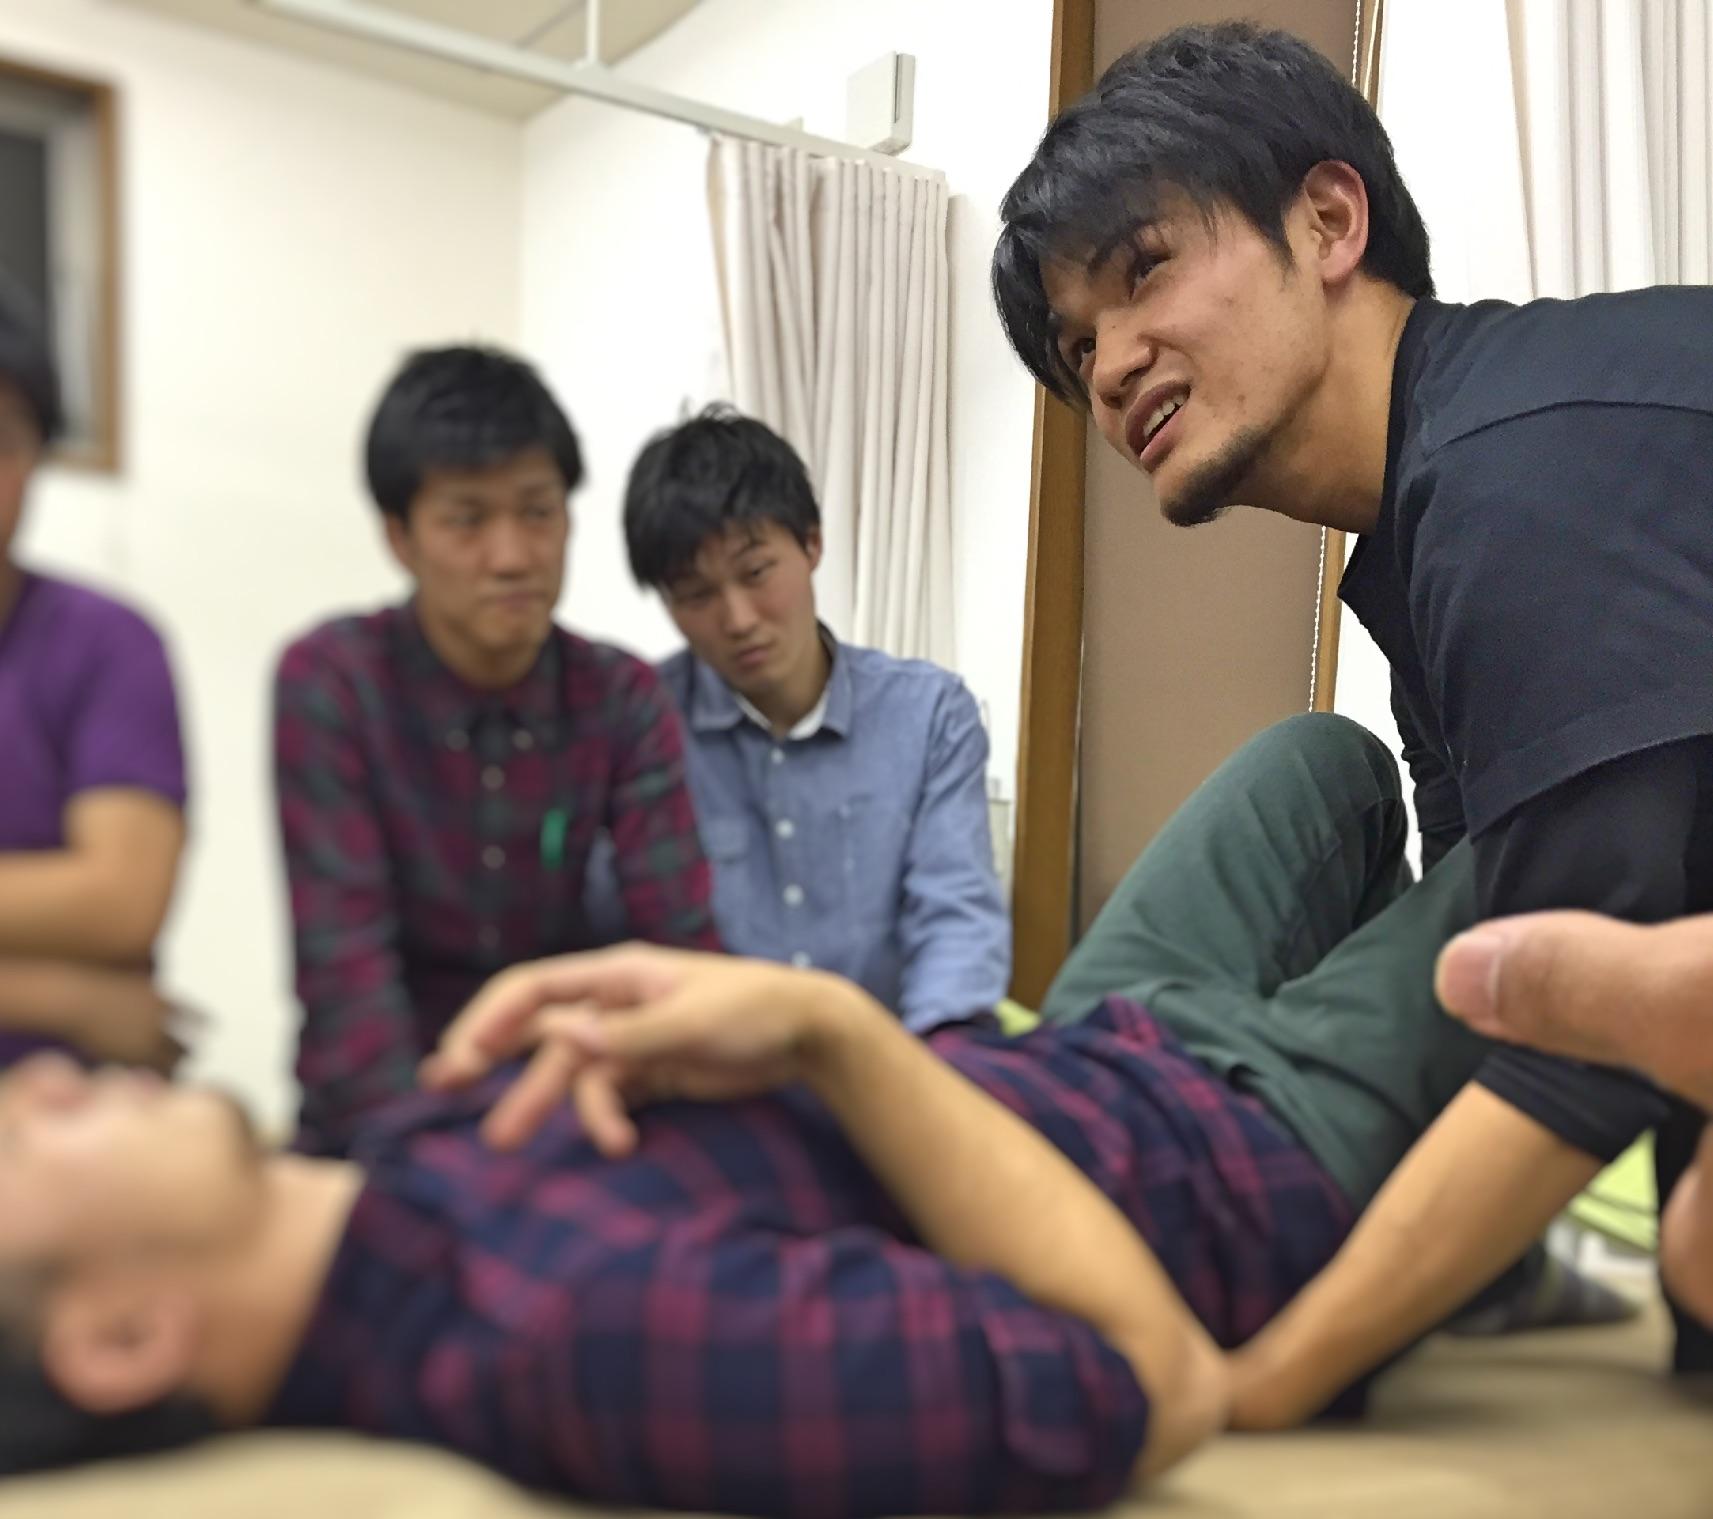 月例講習会2015年10月 岡崎市 セラピストとトレーナー 勉強会